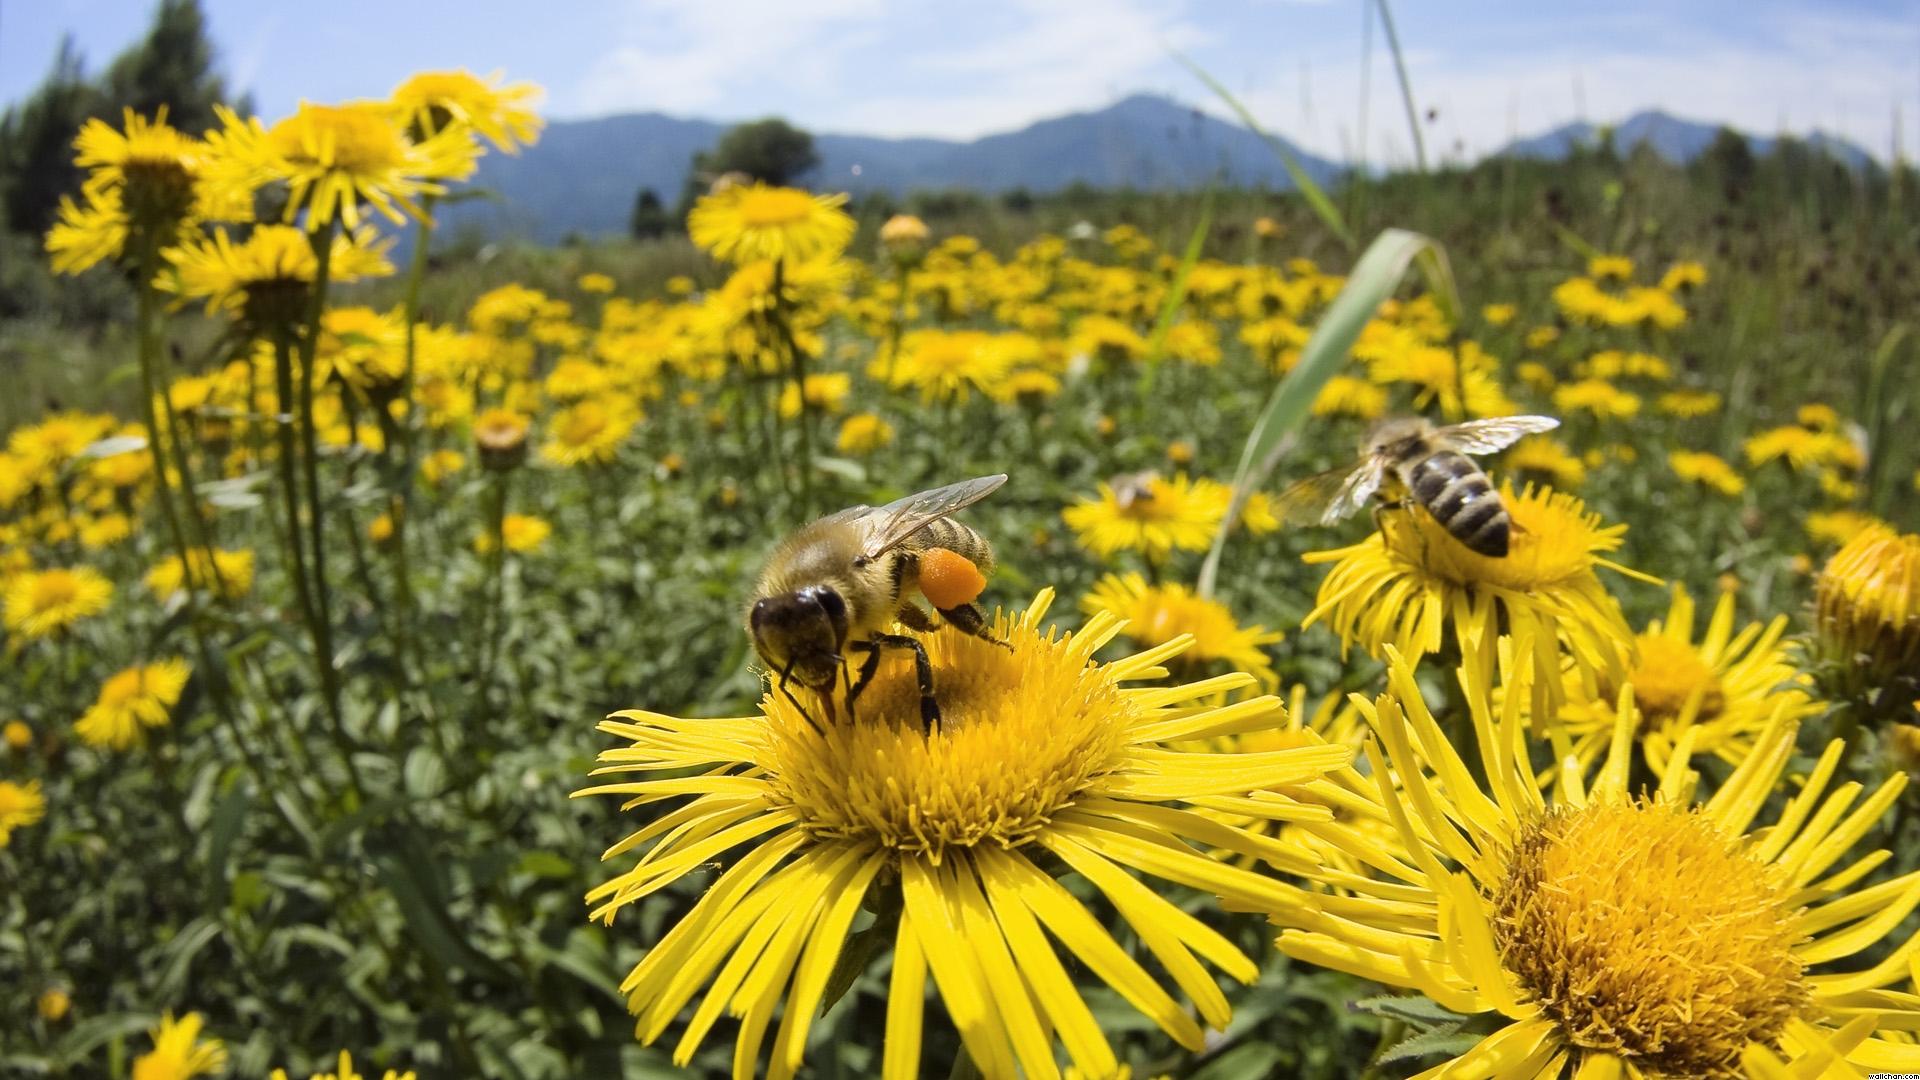 La abeja y el aguijón